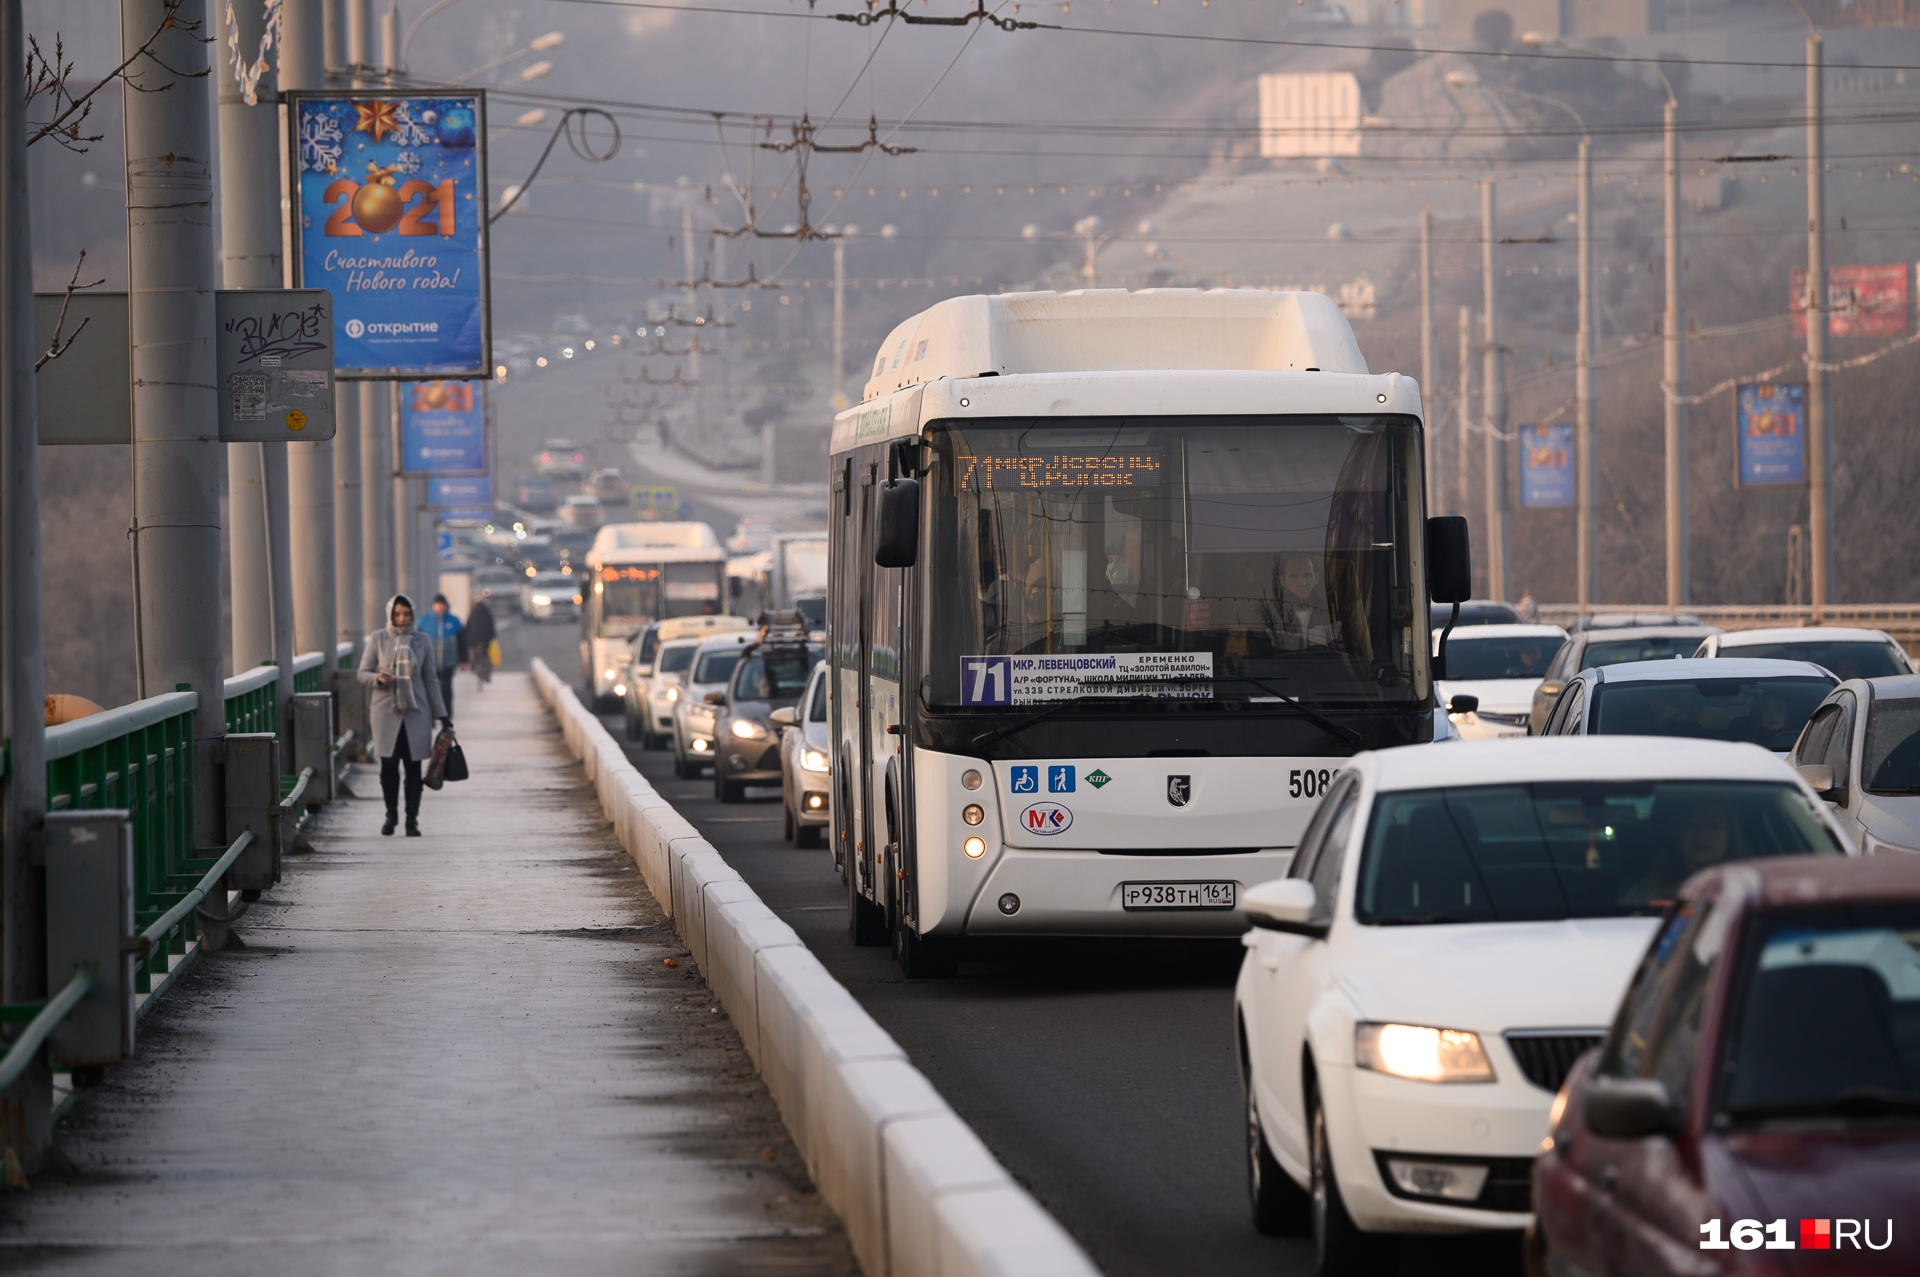 Рекламные конструкции висят вдоль моста с обеих сторон